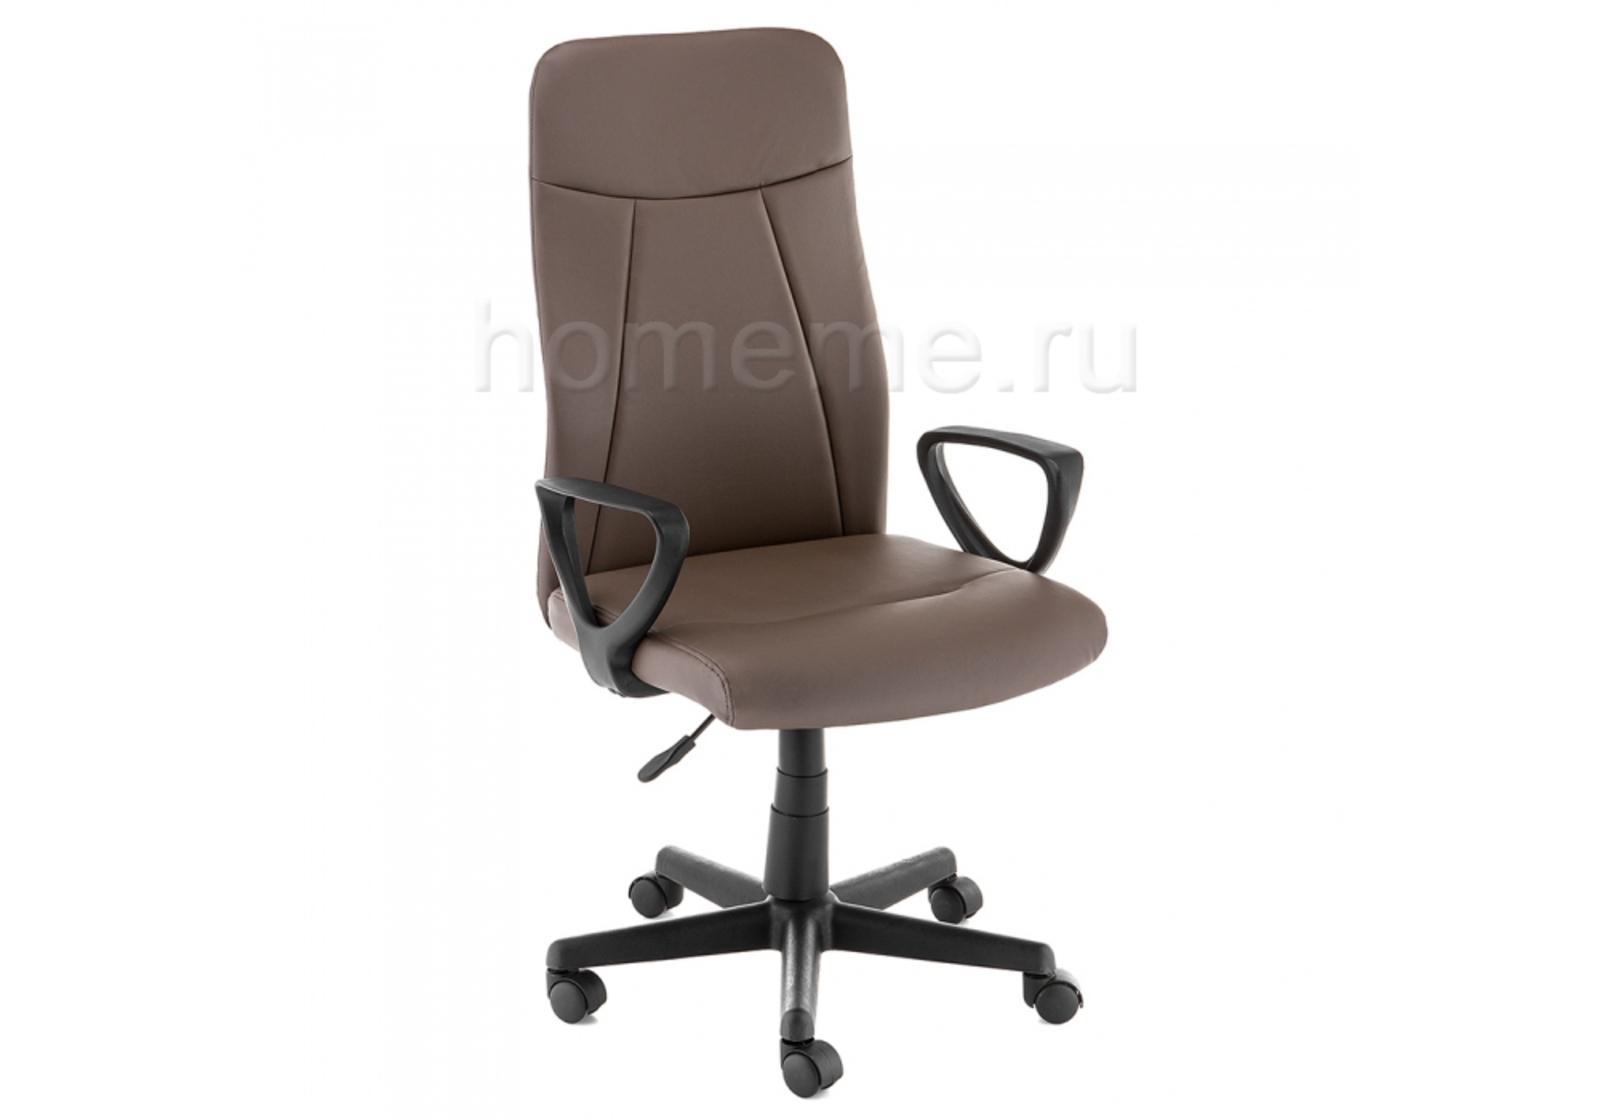 Кресло для офиса HomeMe Favor коричневое 11271 от Homeme.ru